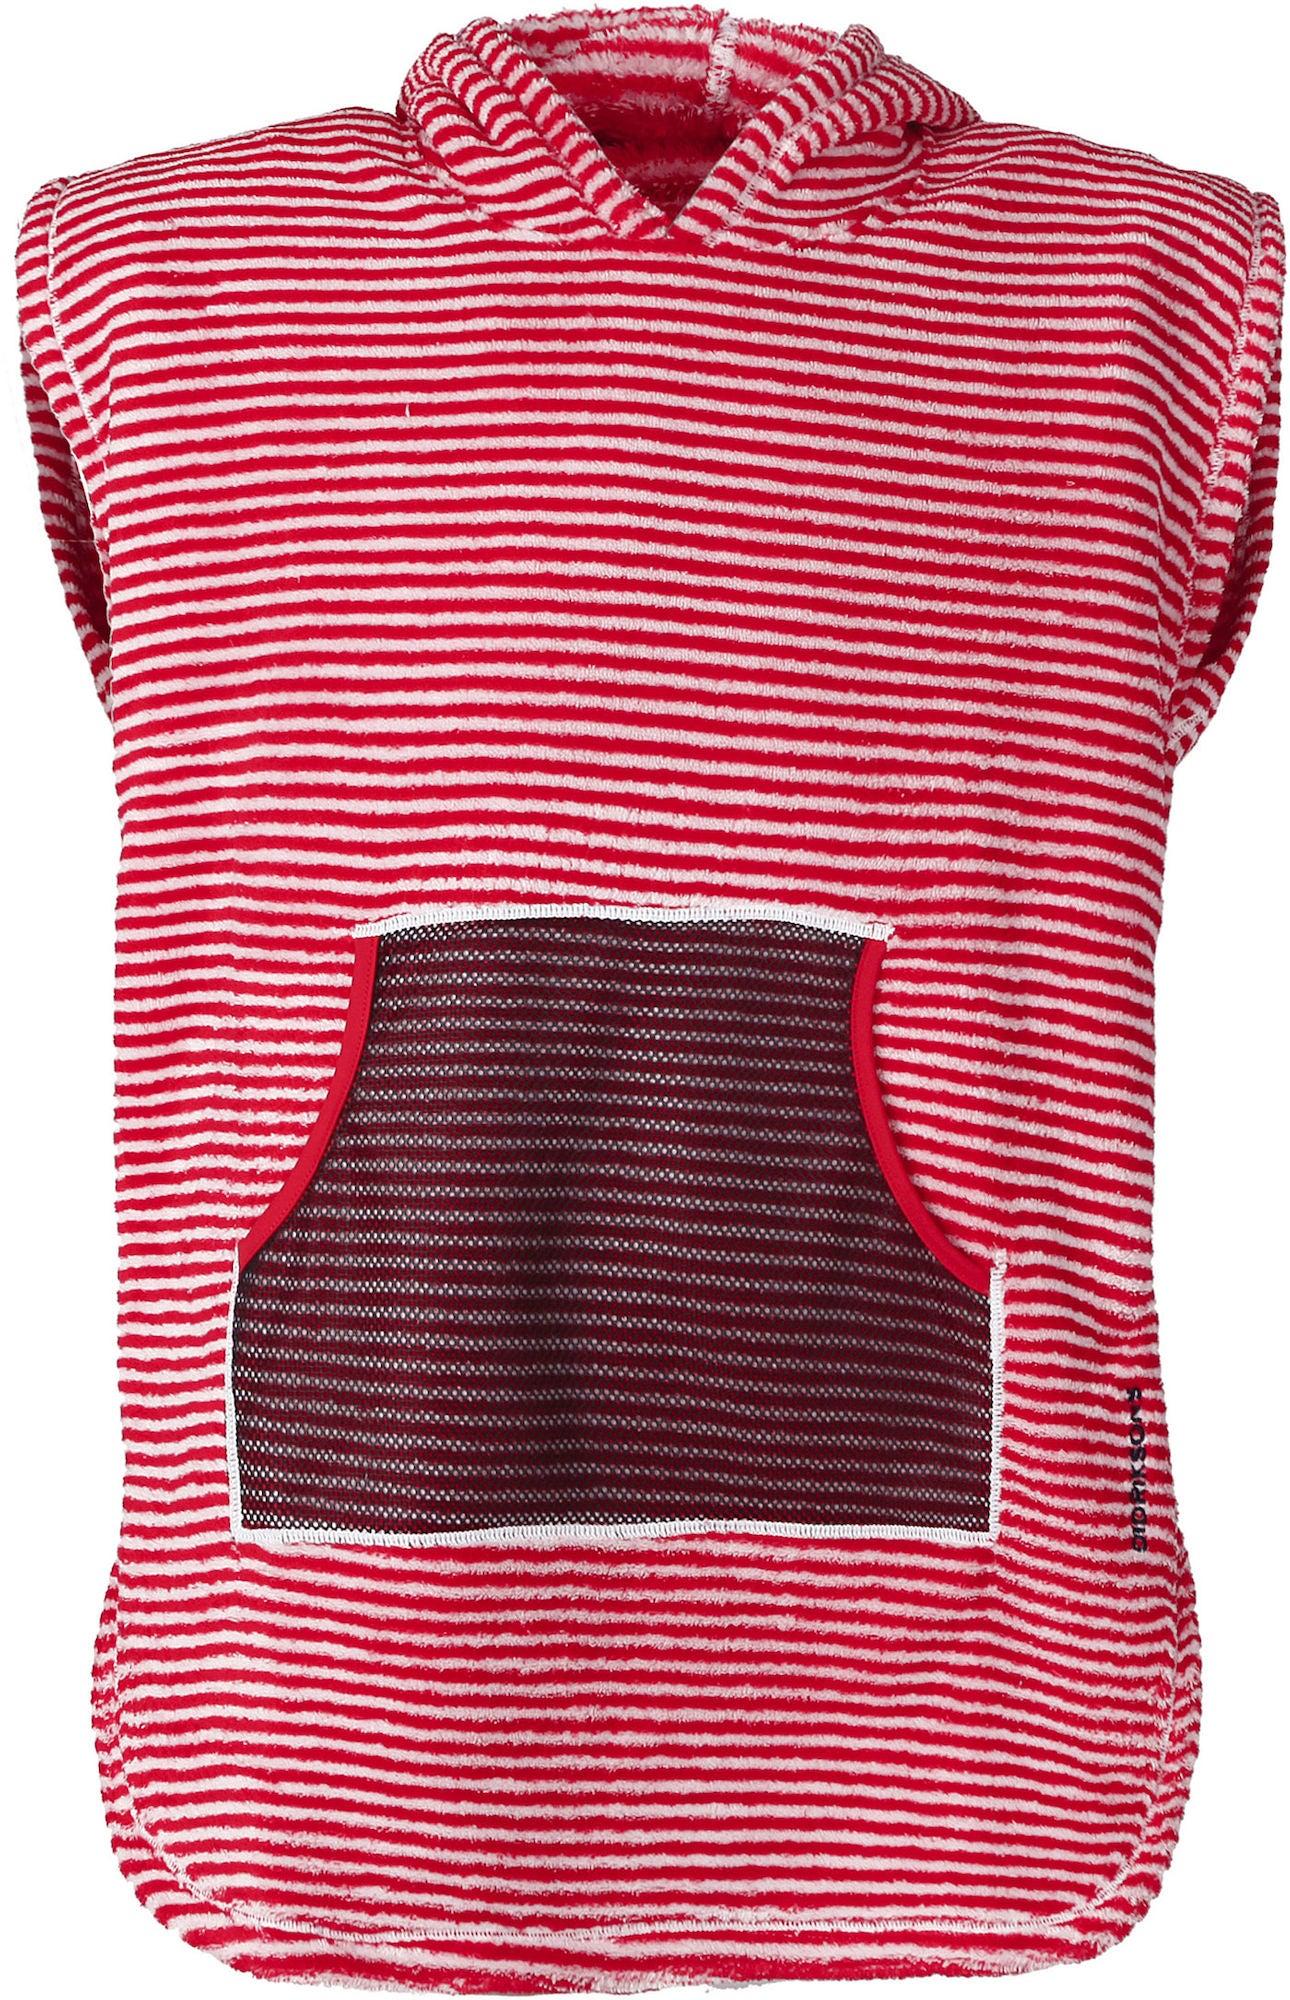 Didriksons Pier Poncho Chili Red 80-90